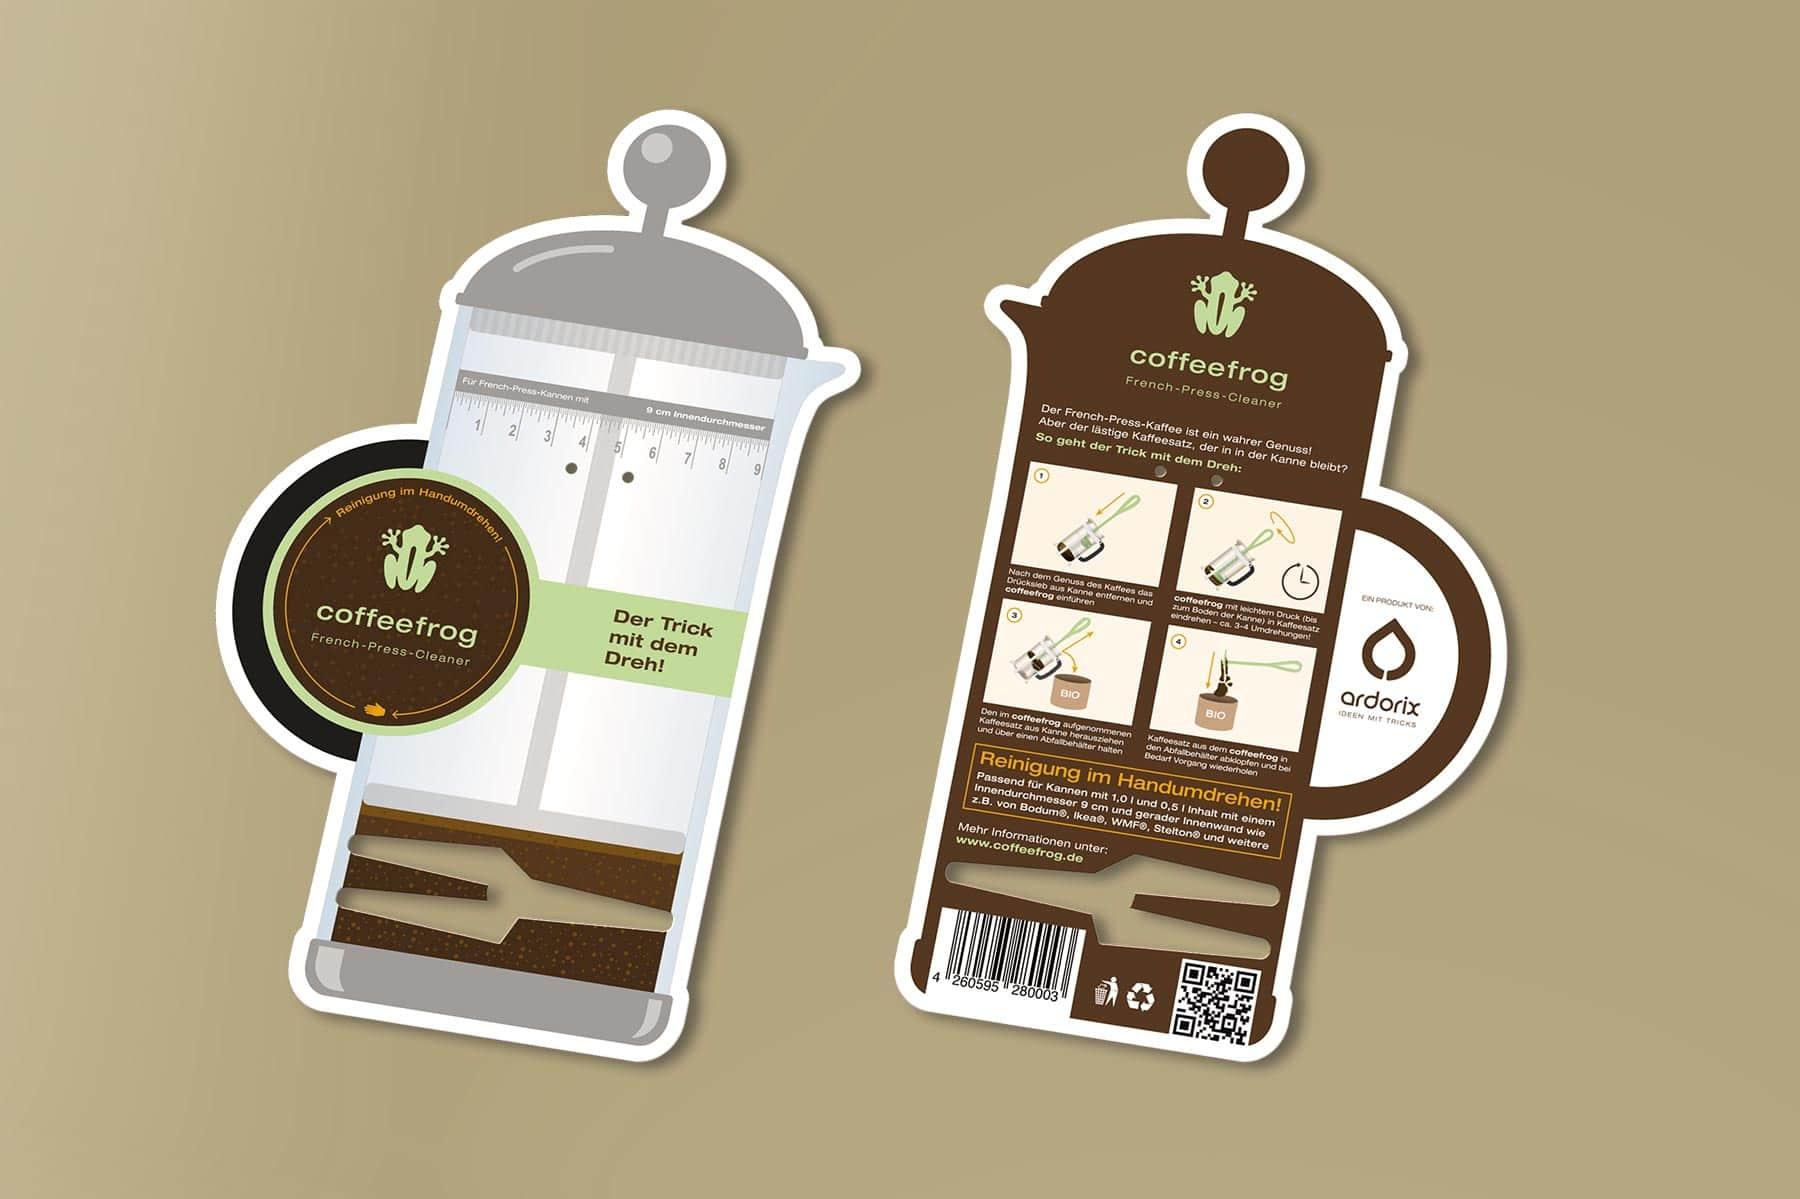 Coffeefrog, Produktverpackung, Packaging, Verpackungsdesign, Vorder- und Rückseite, ohne Produkt